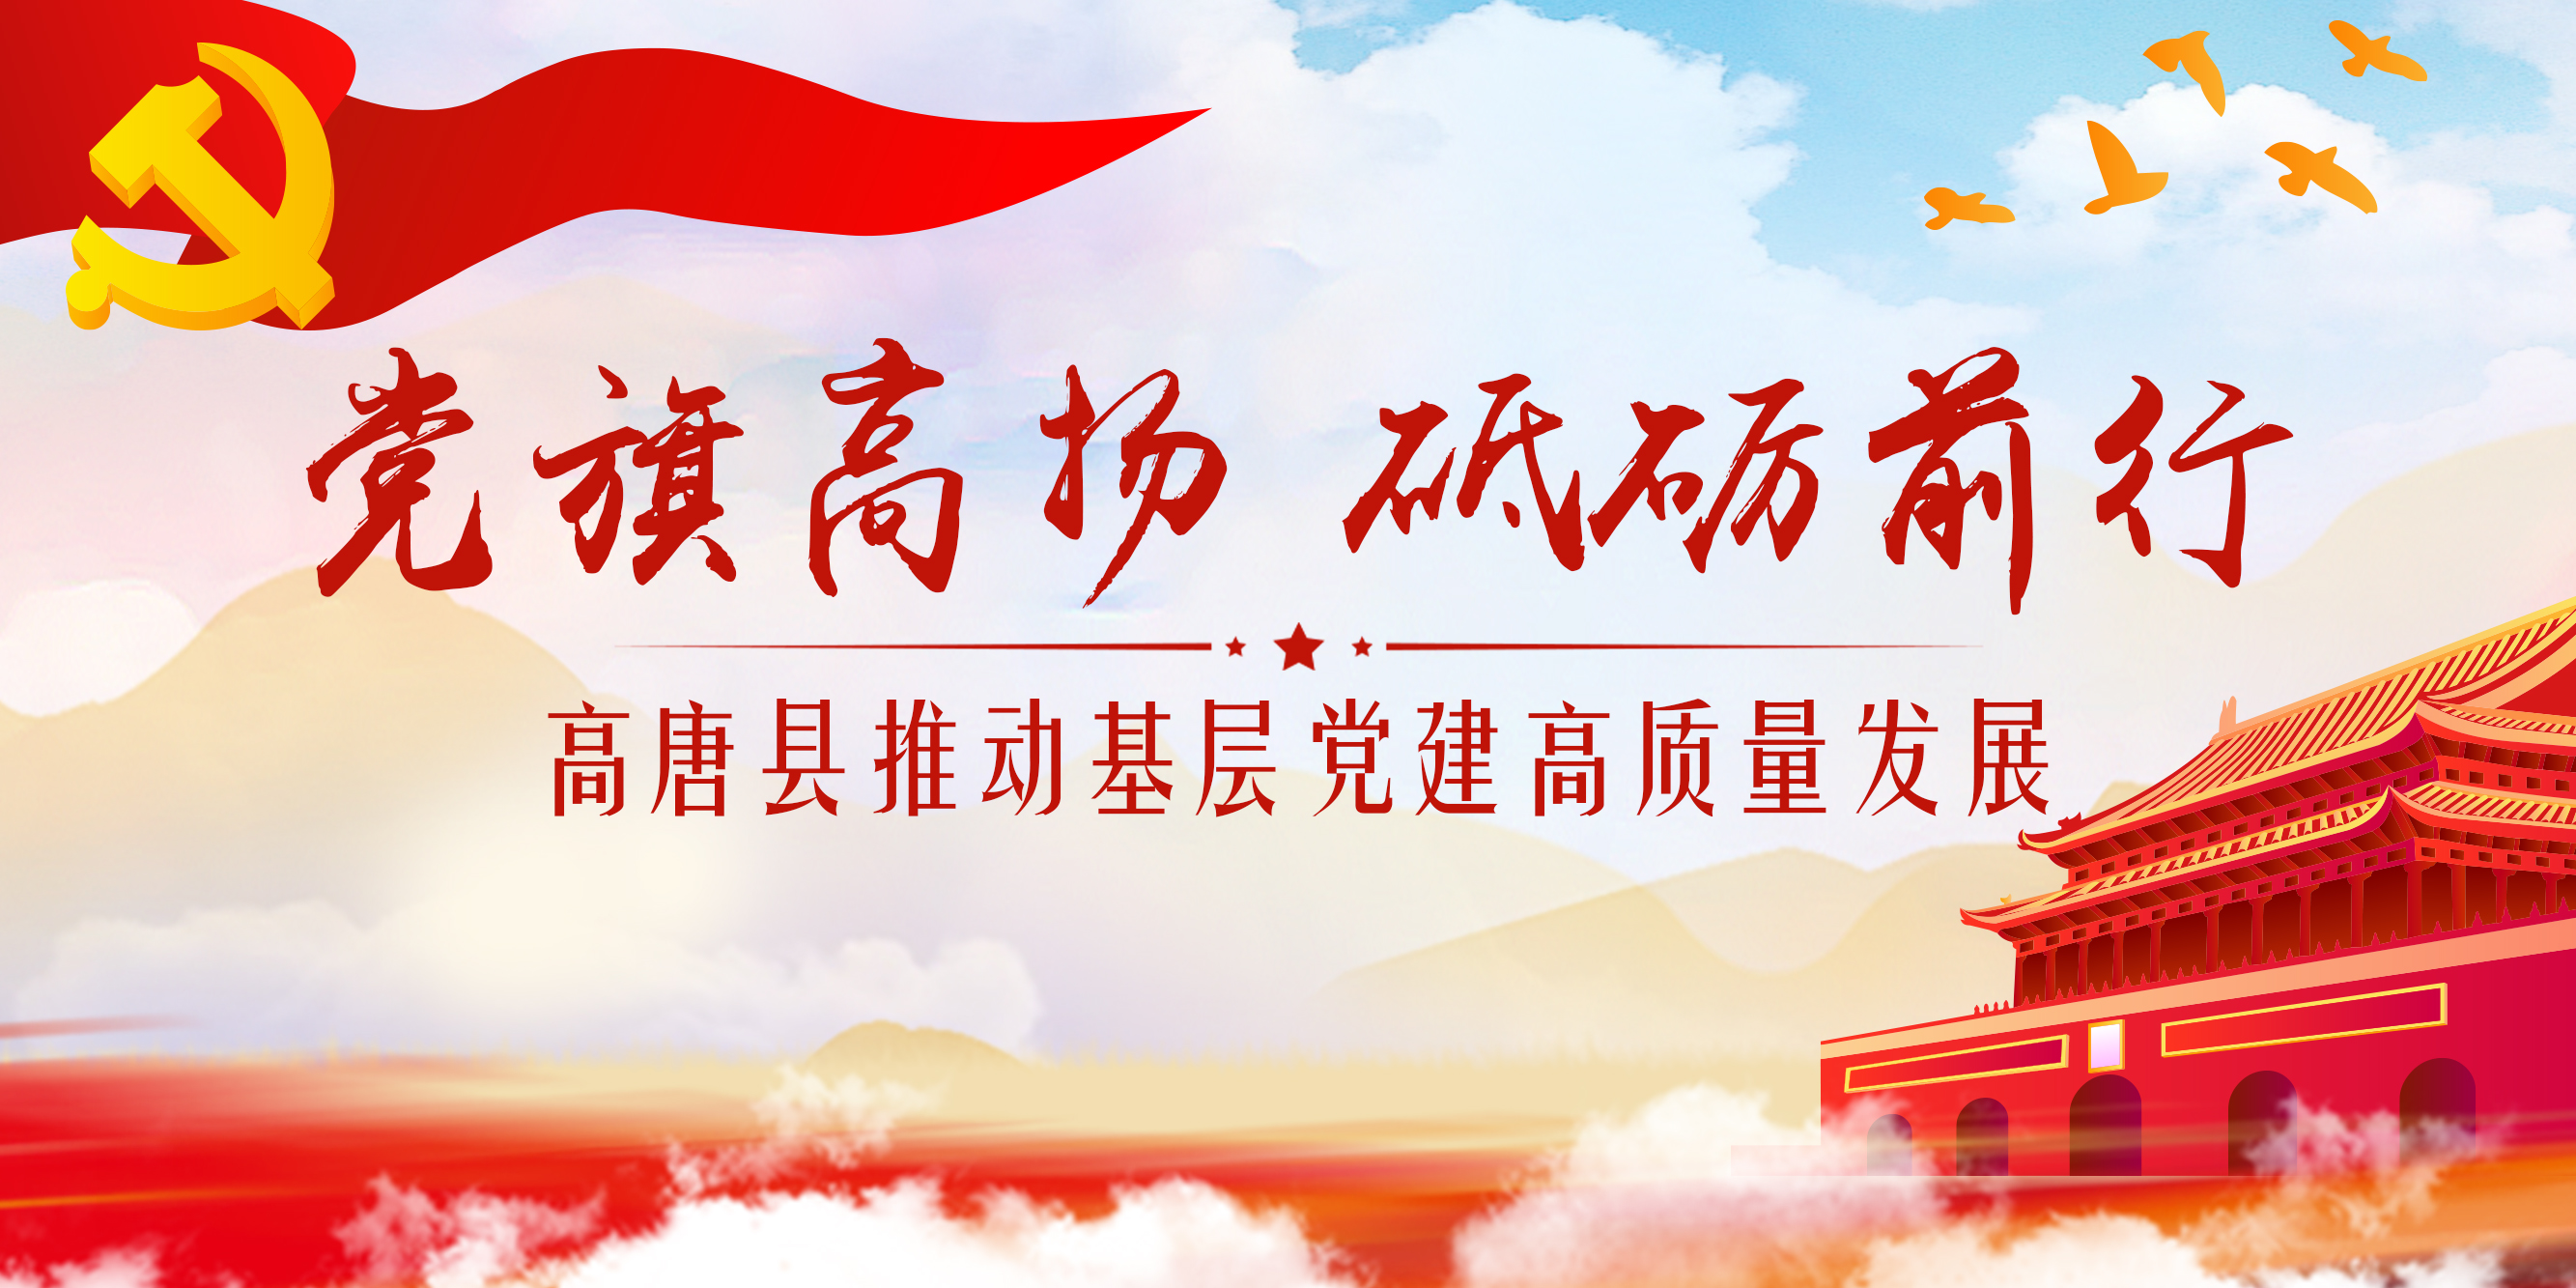 党旗高扬 砥砺前行 高唐县推动基层党建高质量发展